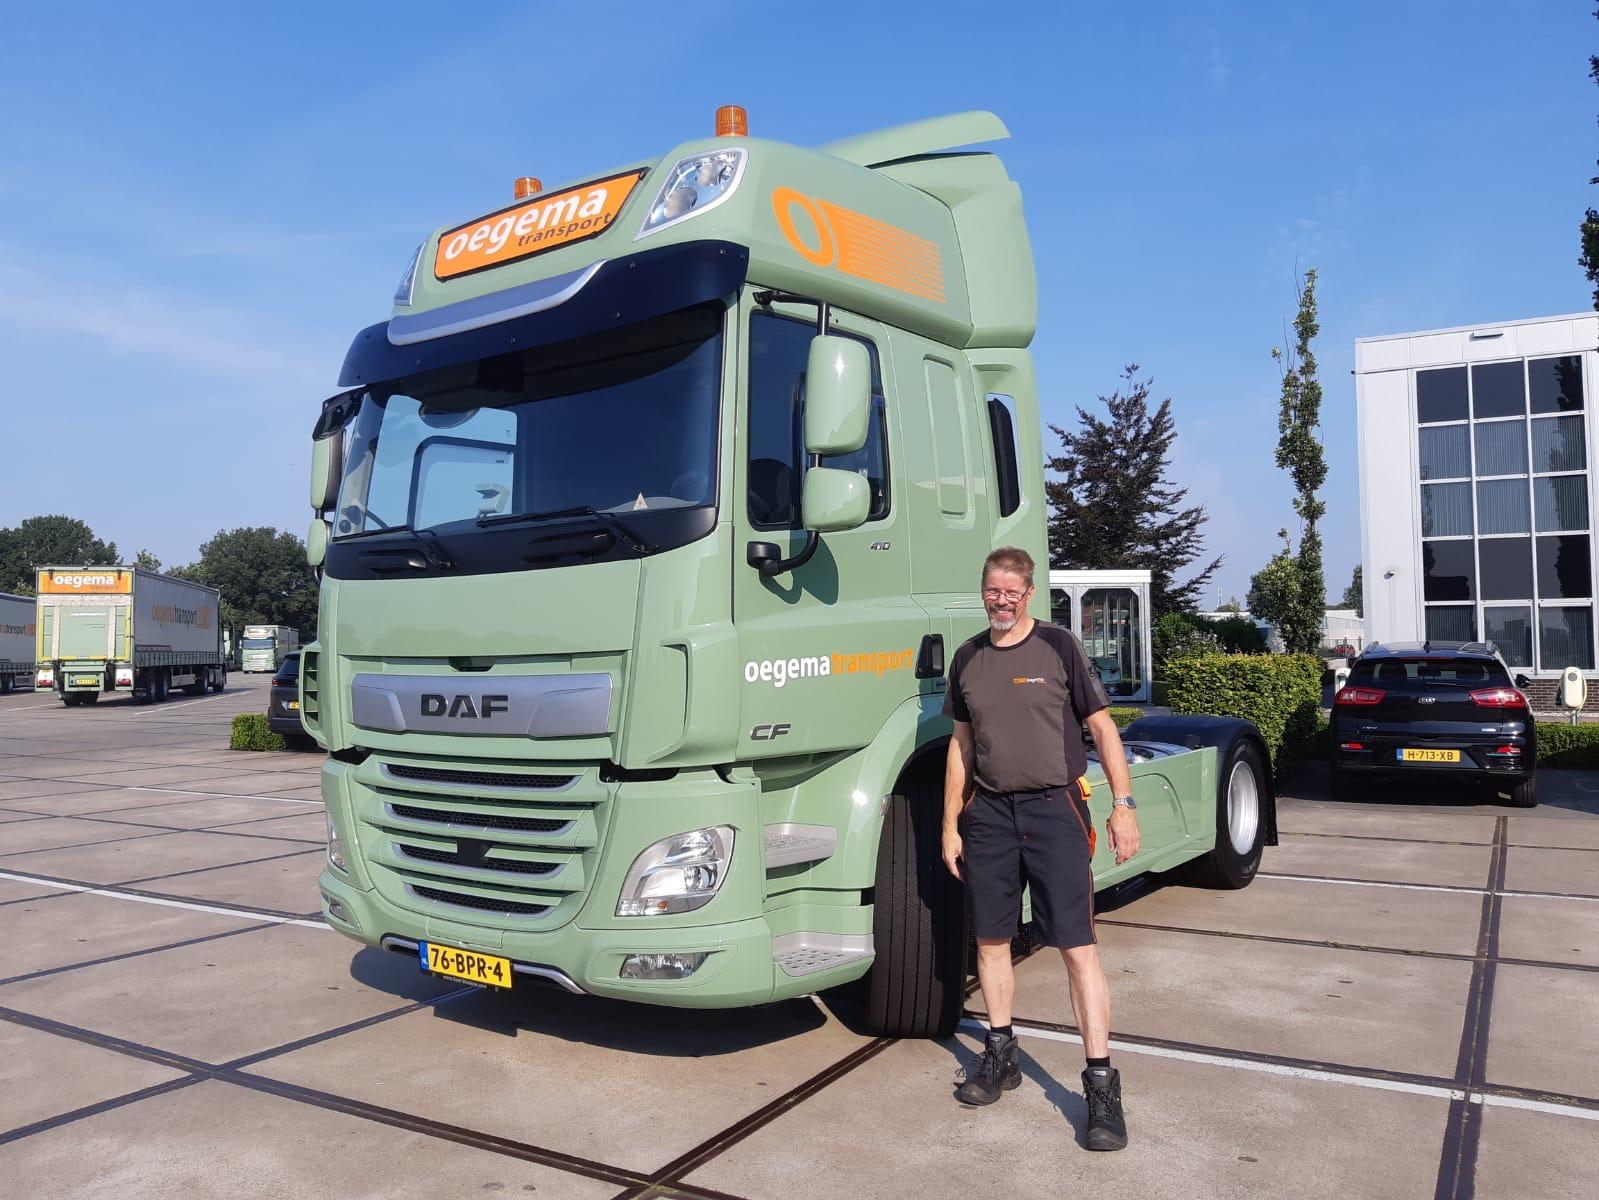 DAF-nummer-3-voor-P26-is-voor-Wichard-ter-Steege-Veel-plezier-ermee-en-we-hopen-op-net-zoveel-kilometers-als-met-de-oude-truck-12-8-2020